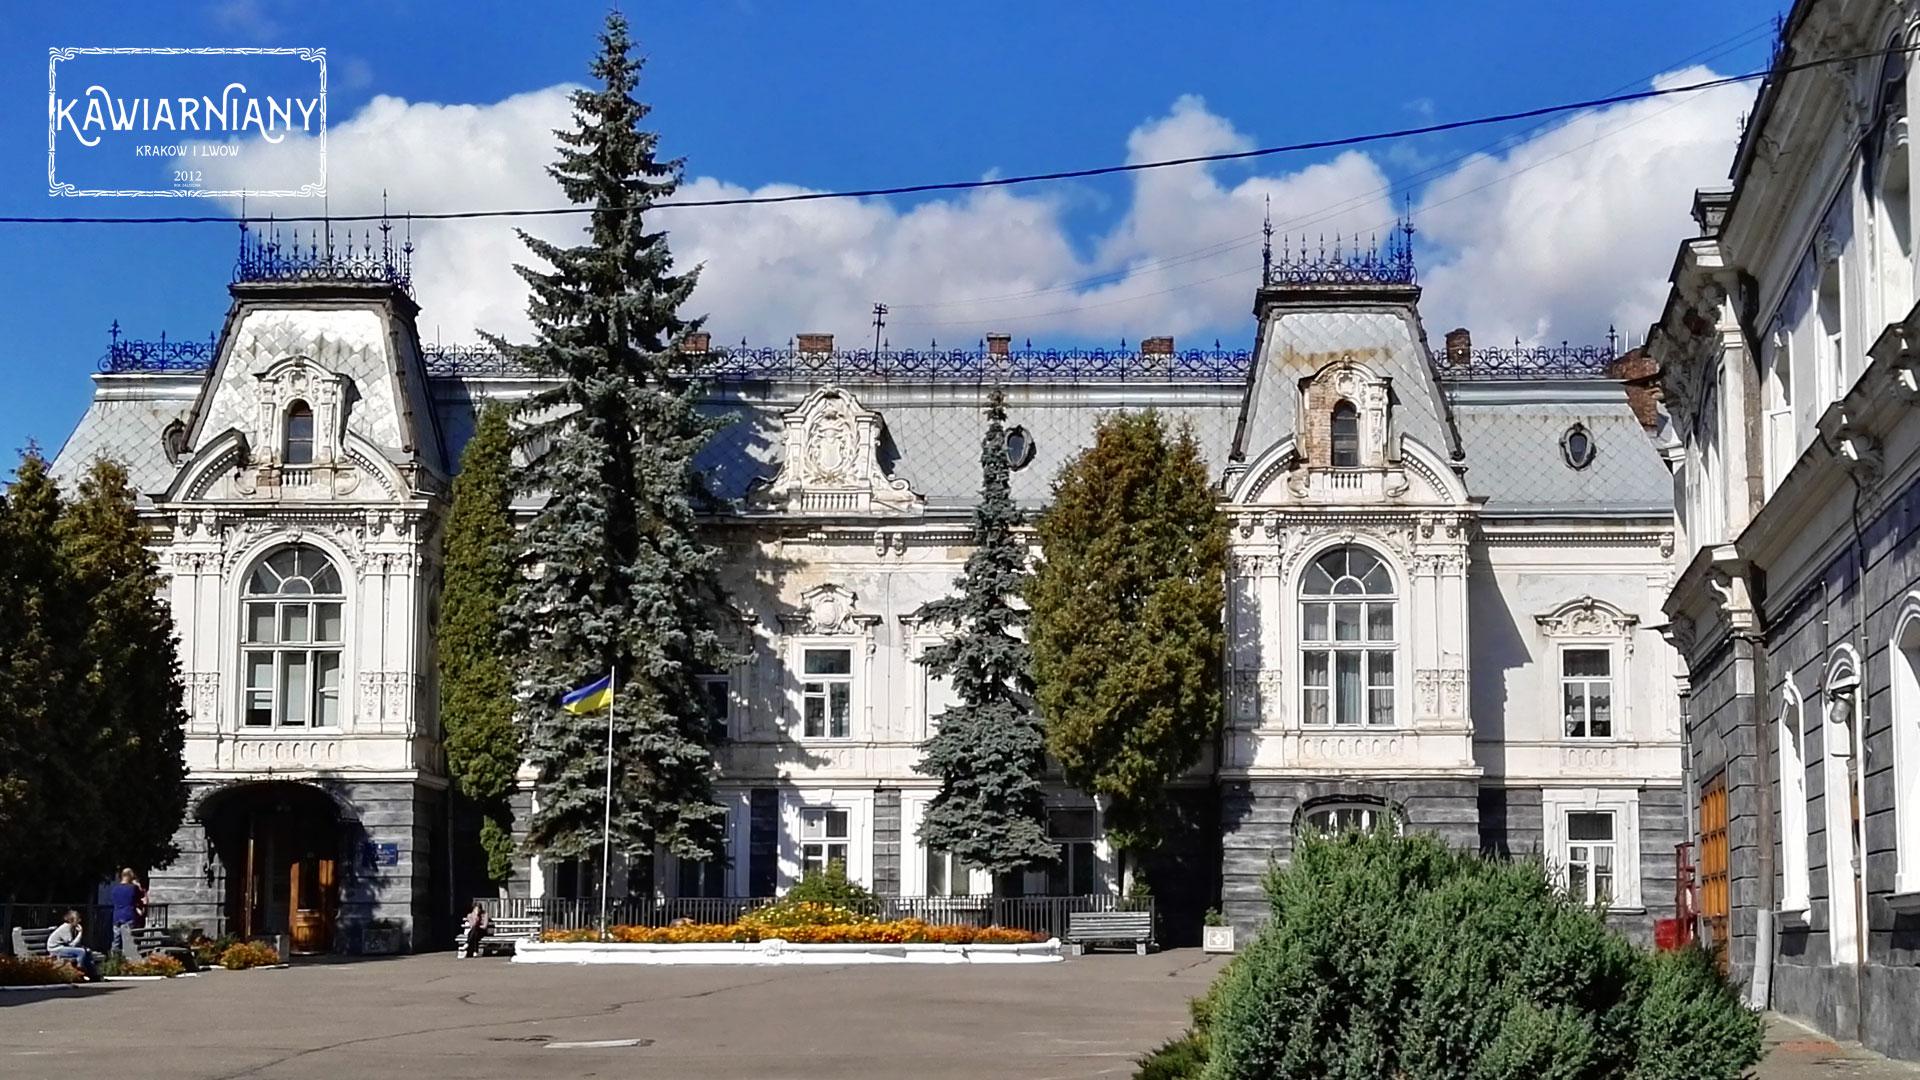 Pałac Siemieńskich-Lewickich – Zapomniany pałac Lwowa, ul. Piekarska 19, Lwów